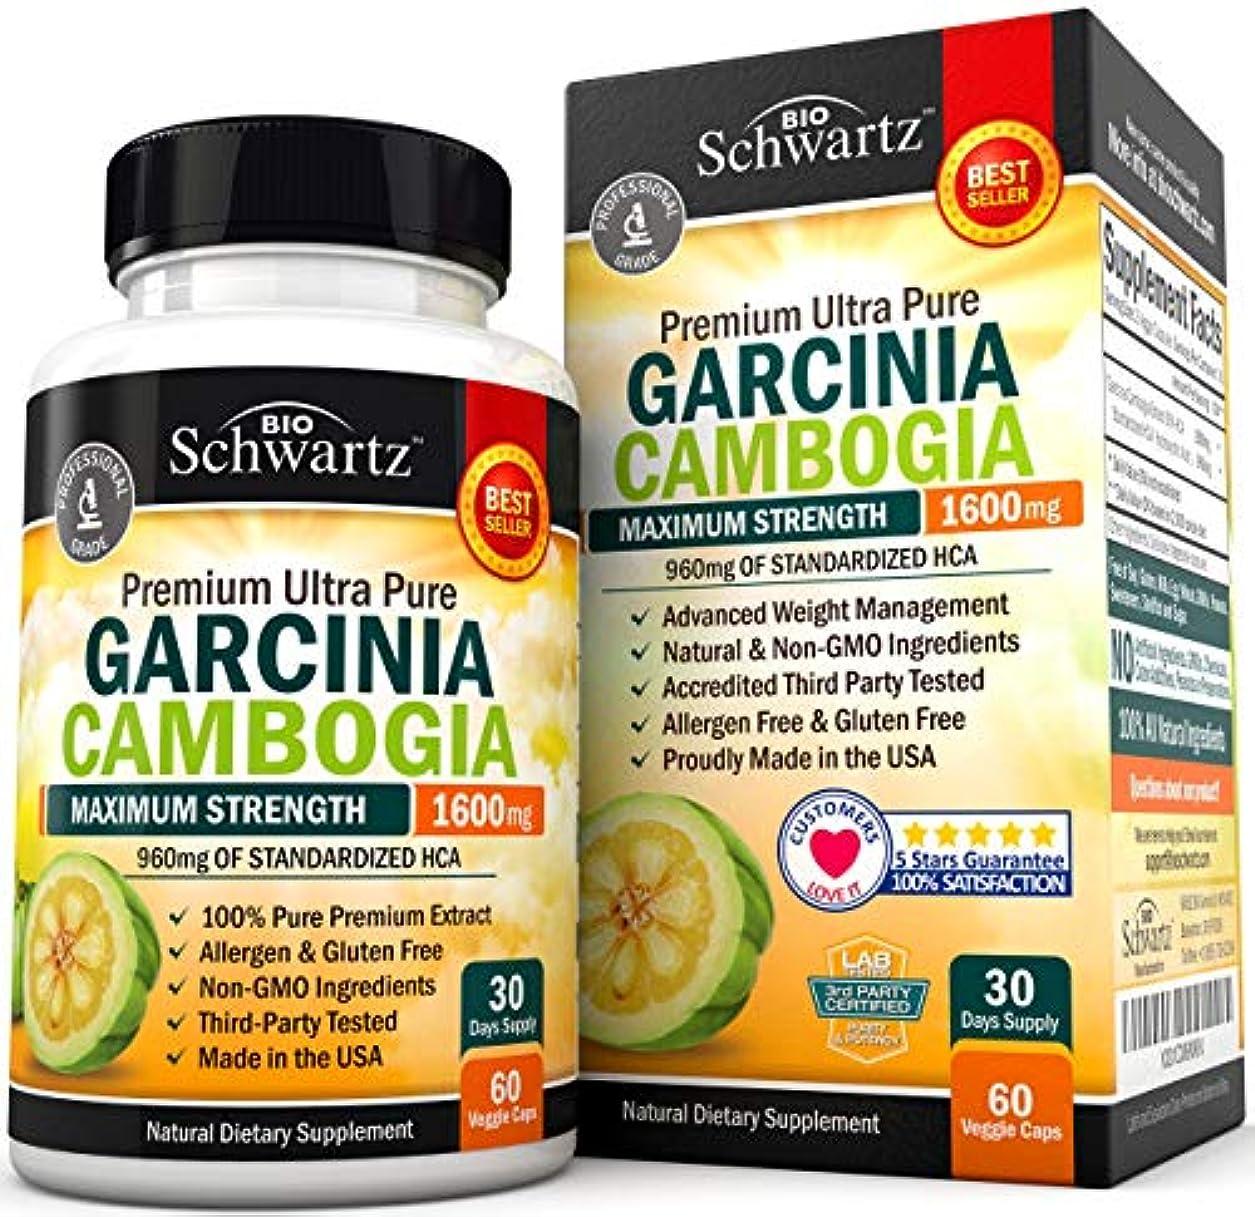 債権者不機嫌試すGarcinia Cambogia Pure Extract 1600mg  ガルシニアカンボジア